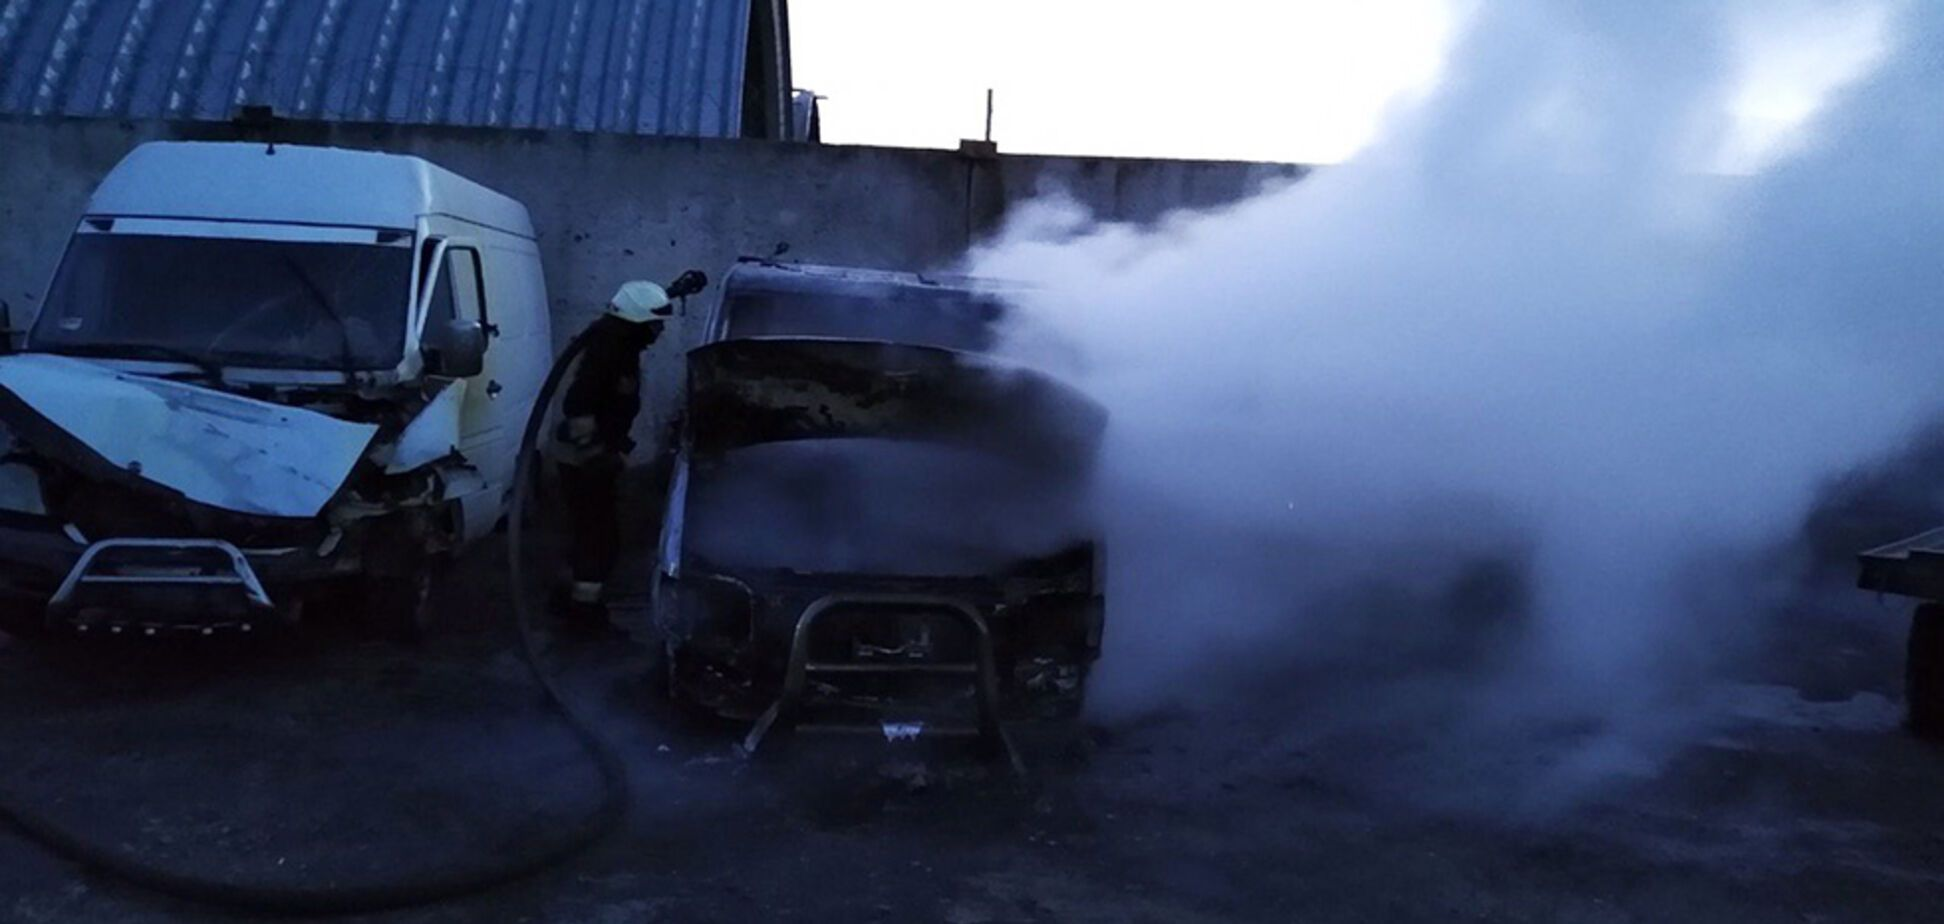 У Дніпрі на автобазі вщент згоріли два мікроавтобуси. Відео